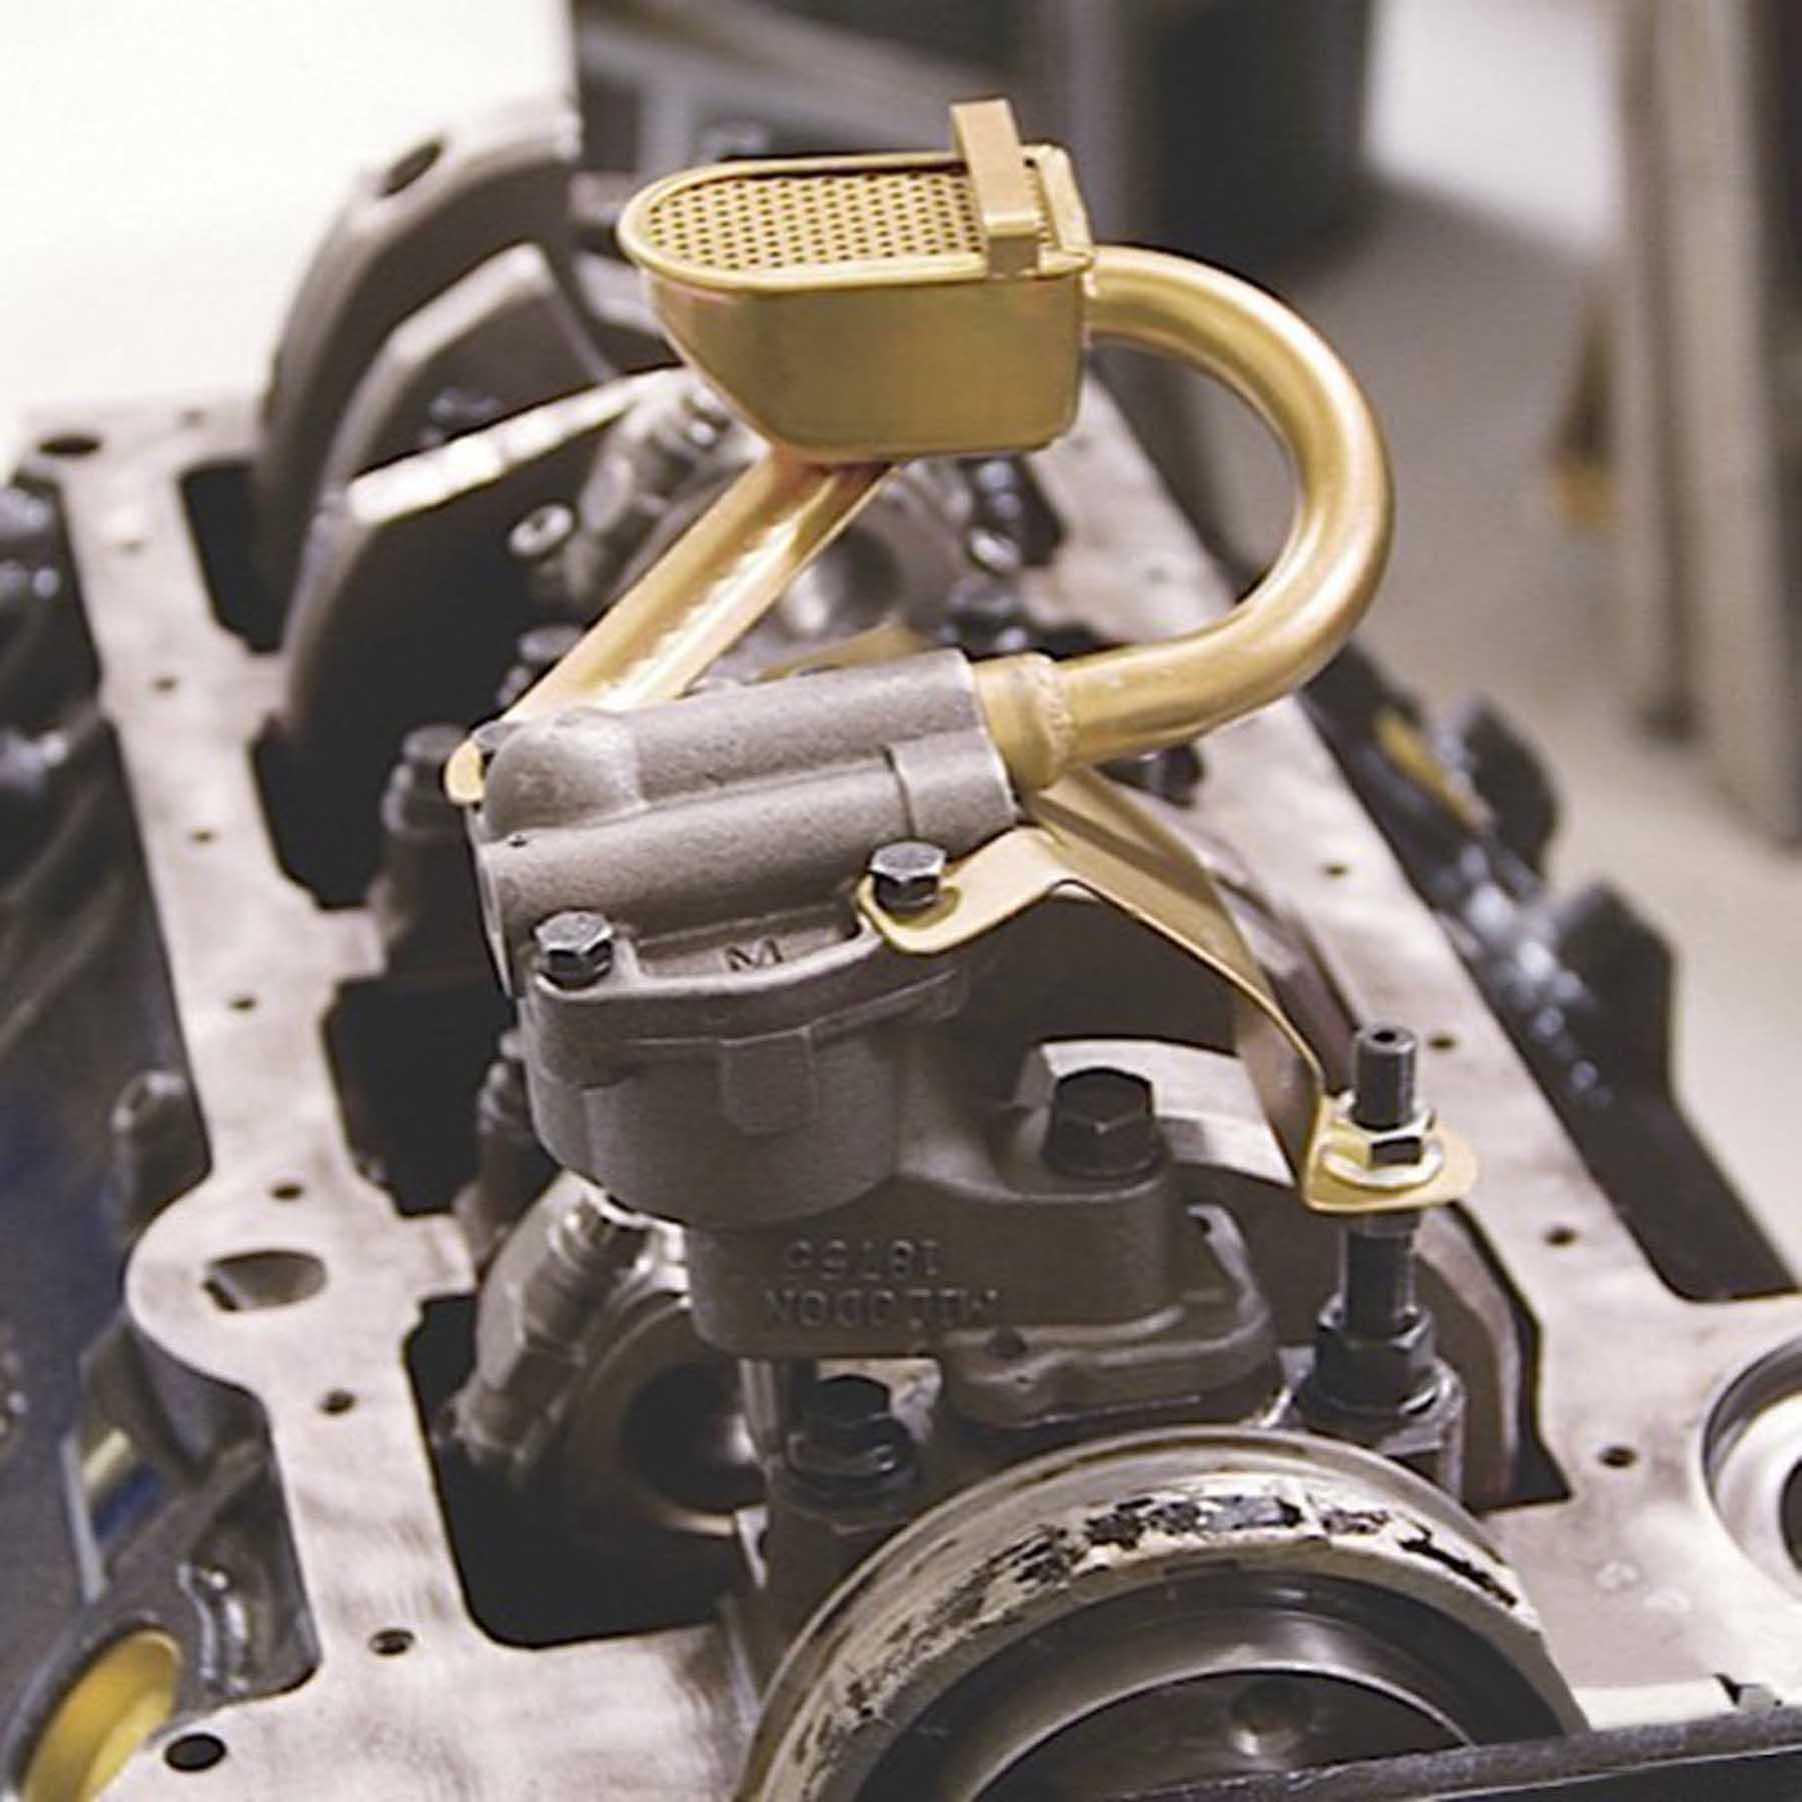 www.enginelabs.com